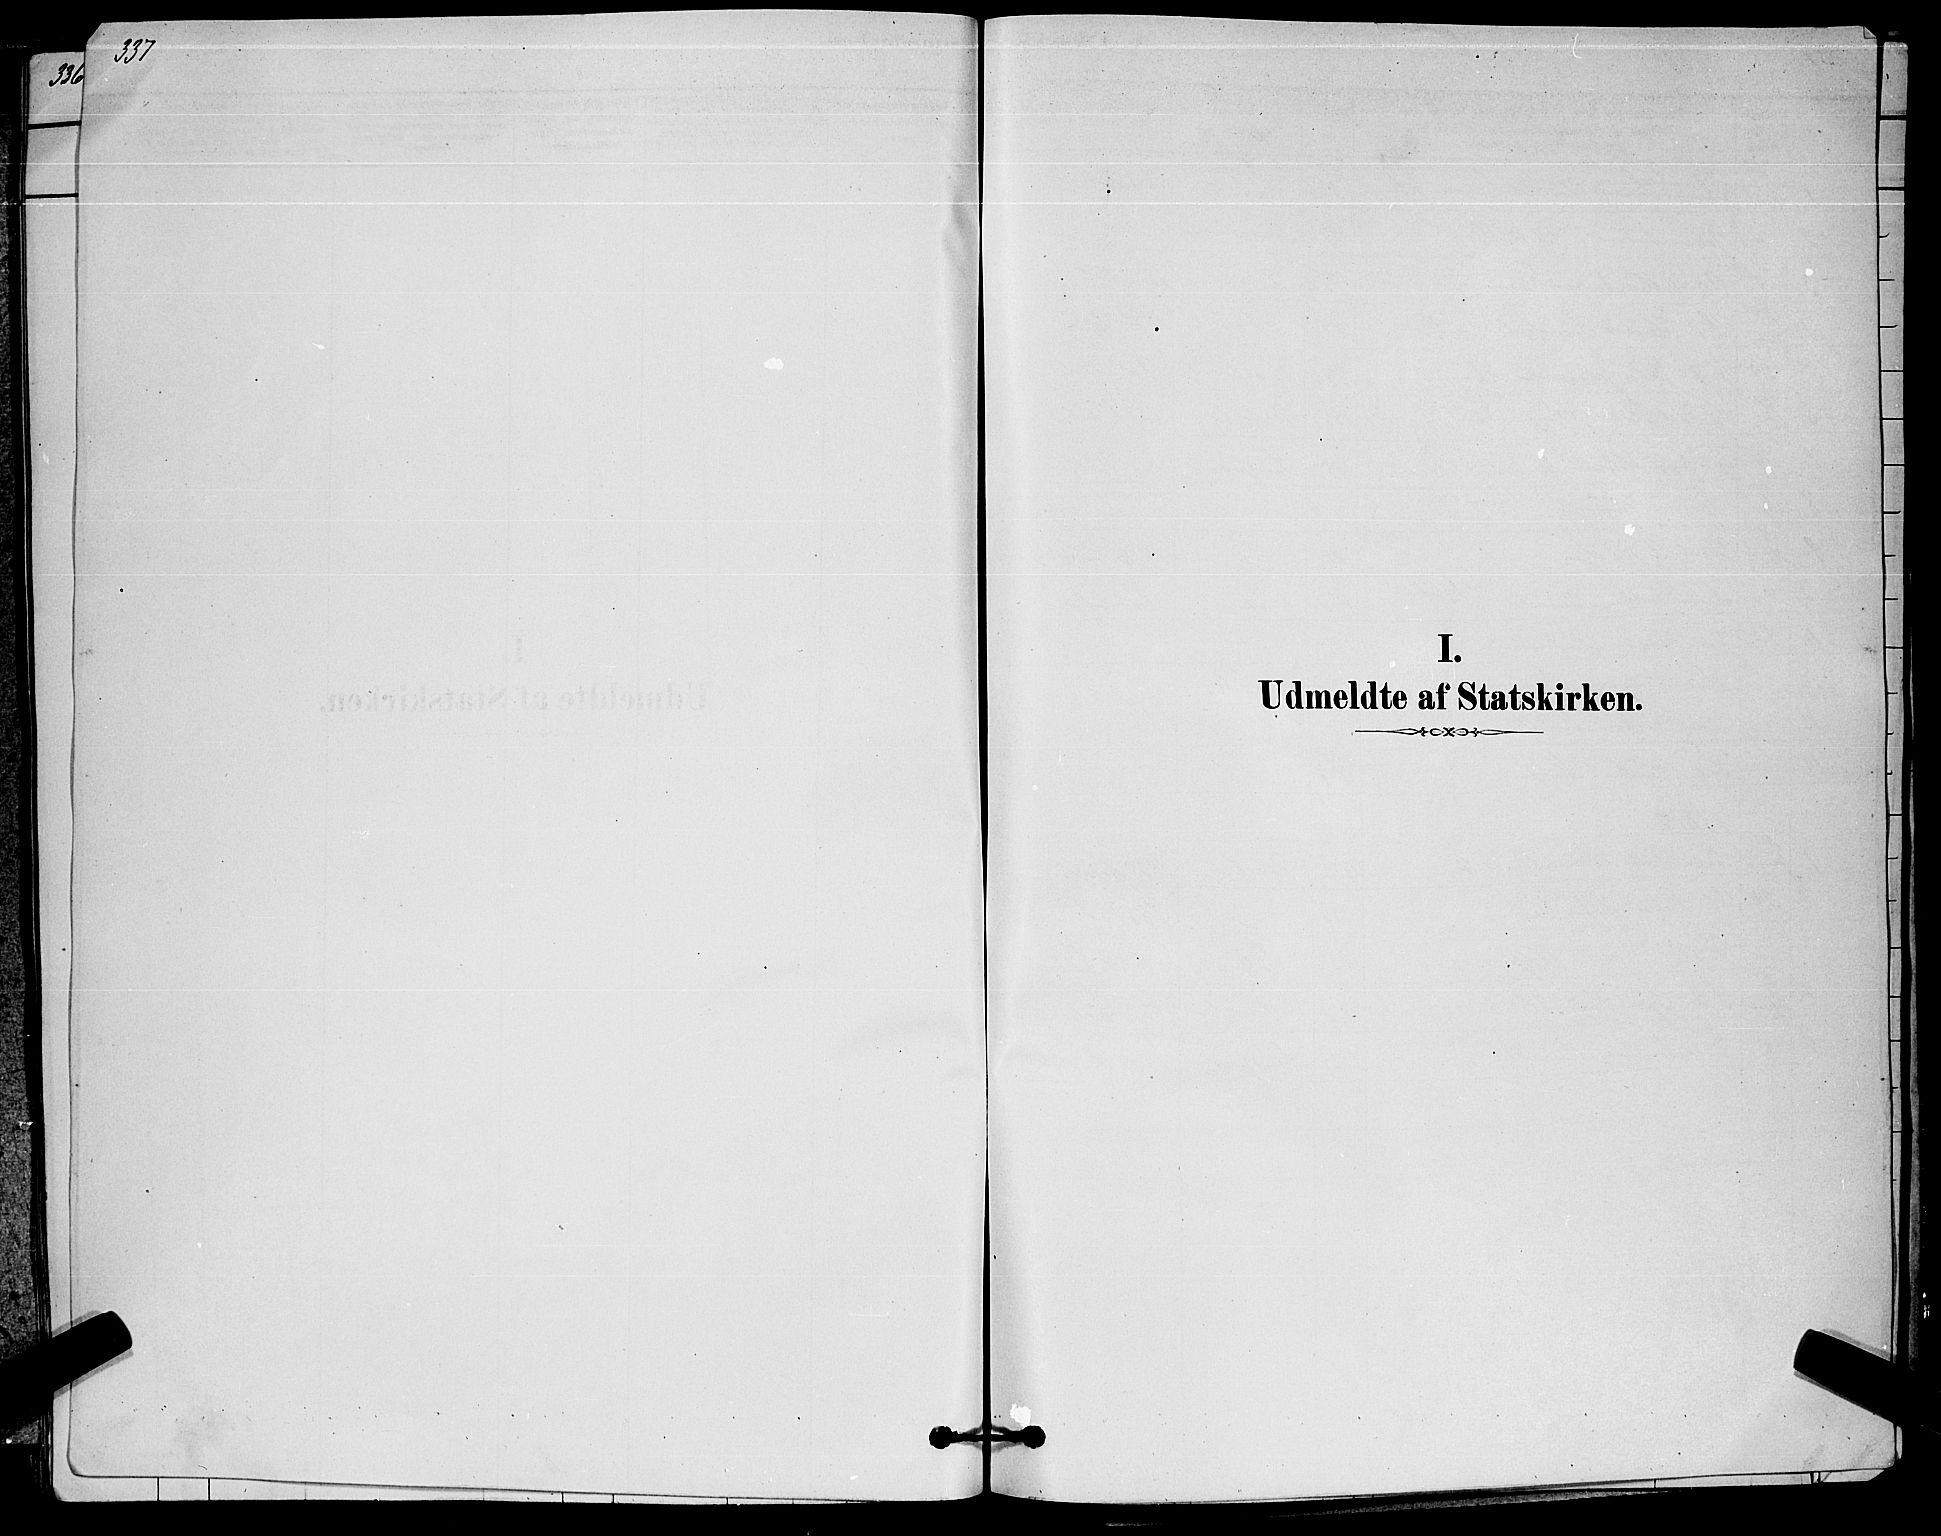 SAKO, Kongsberg kirkebøker, G/Ga/L0005: Klokkerbok nr. 5, 1878-1889, s. 337